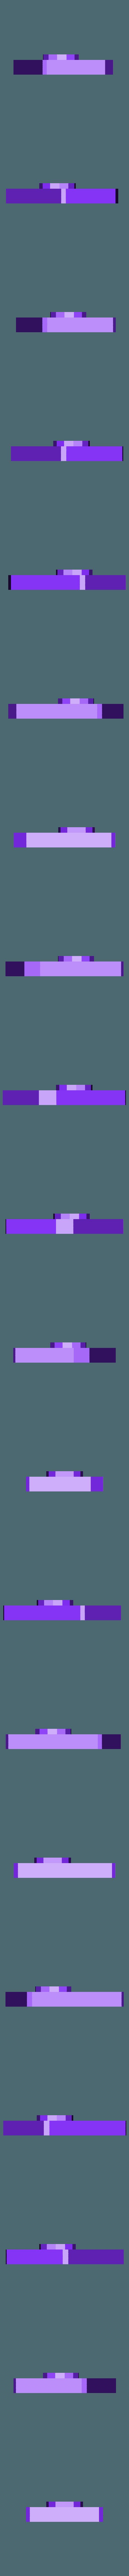 Printrbot_Multi_Pro_Back.stl Télécharger fichier STL gratuit Printrbot Multi • Objet à imprimer en 3D, rushmere3d